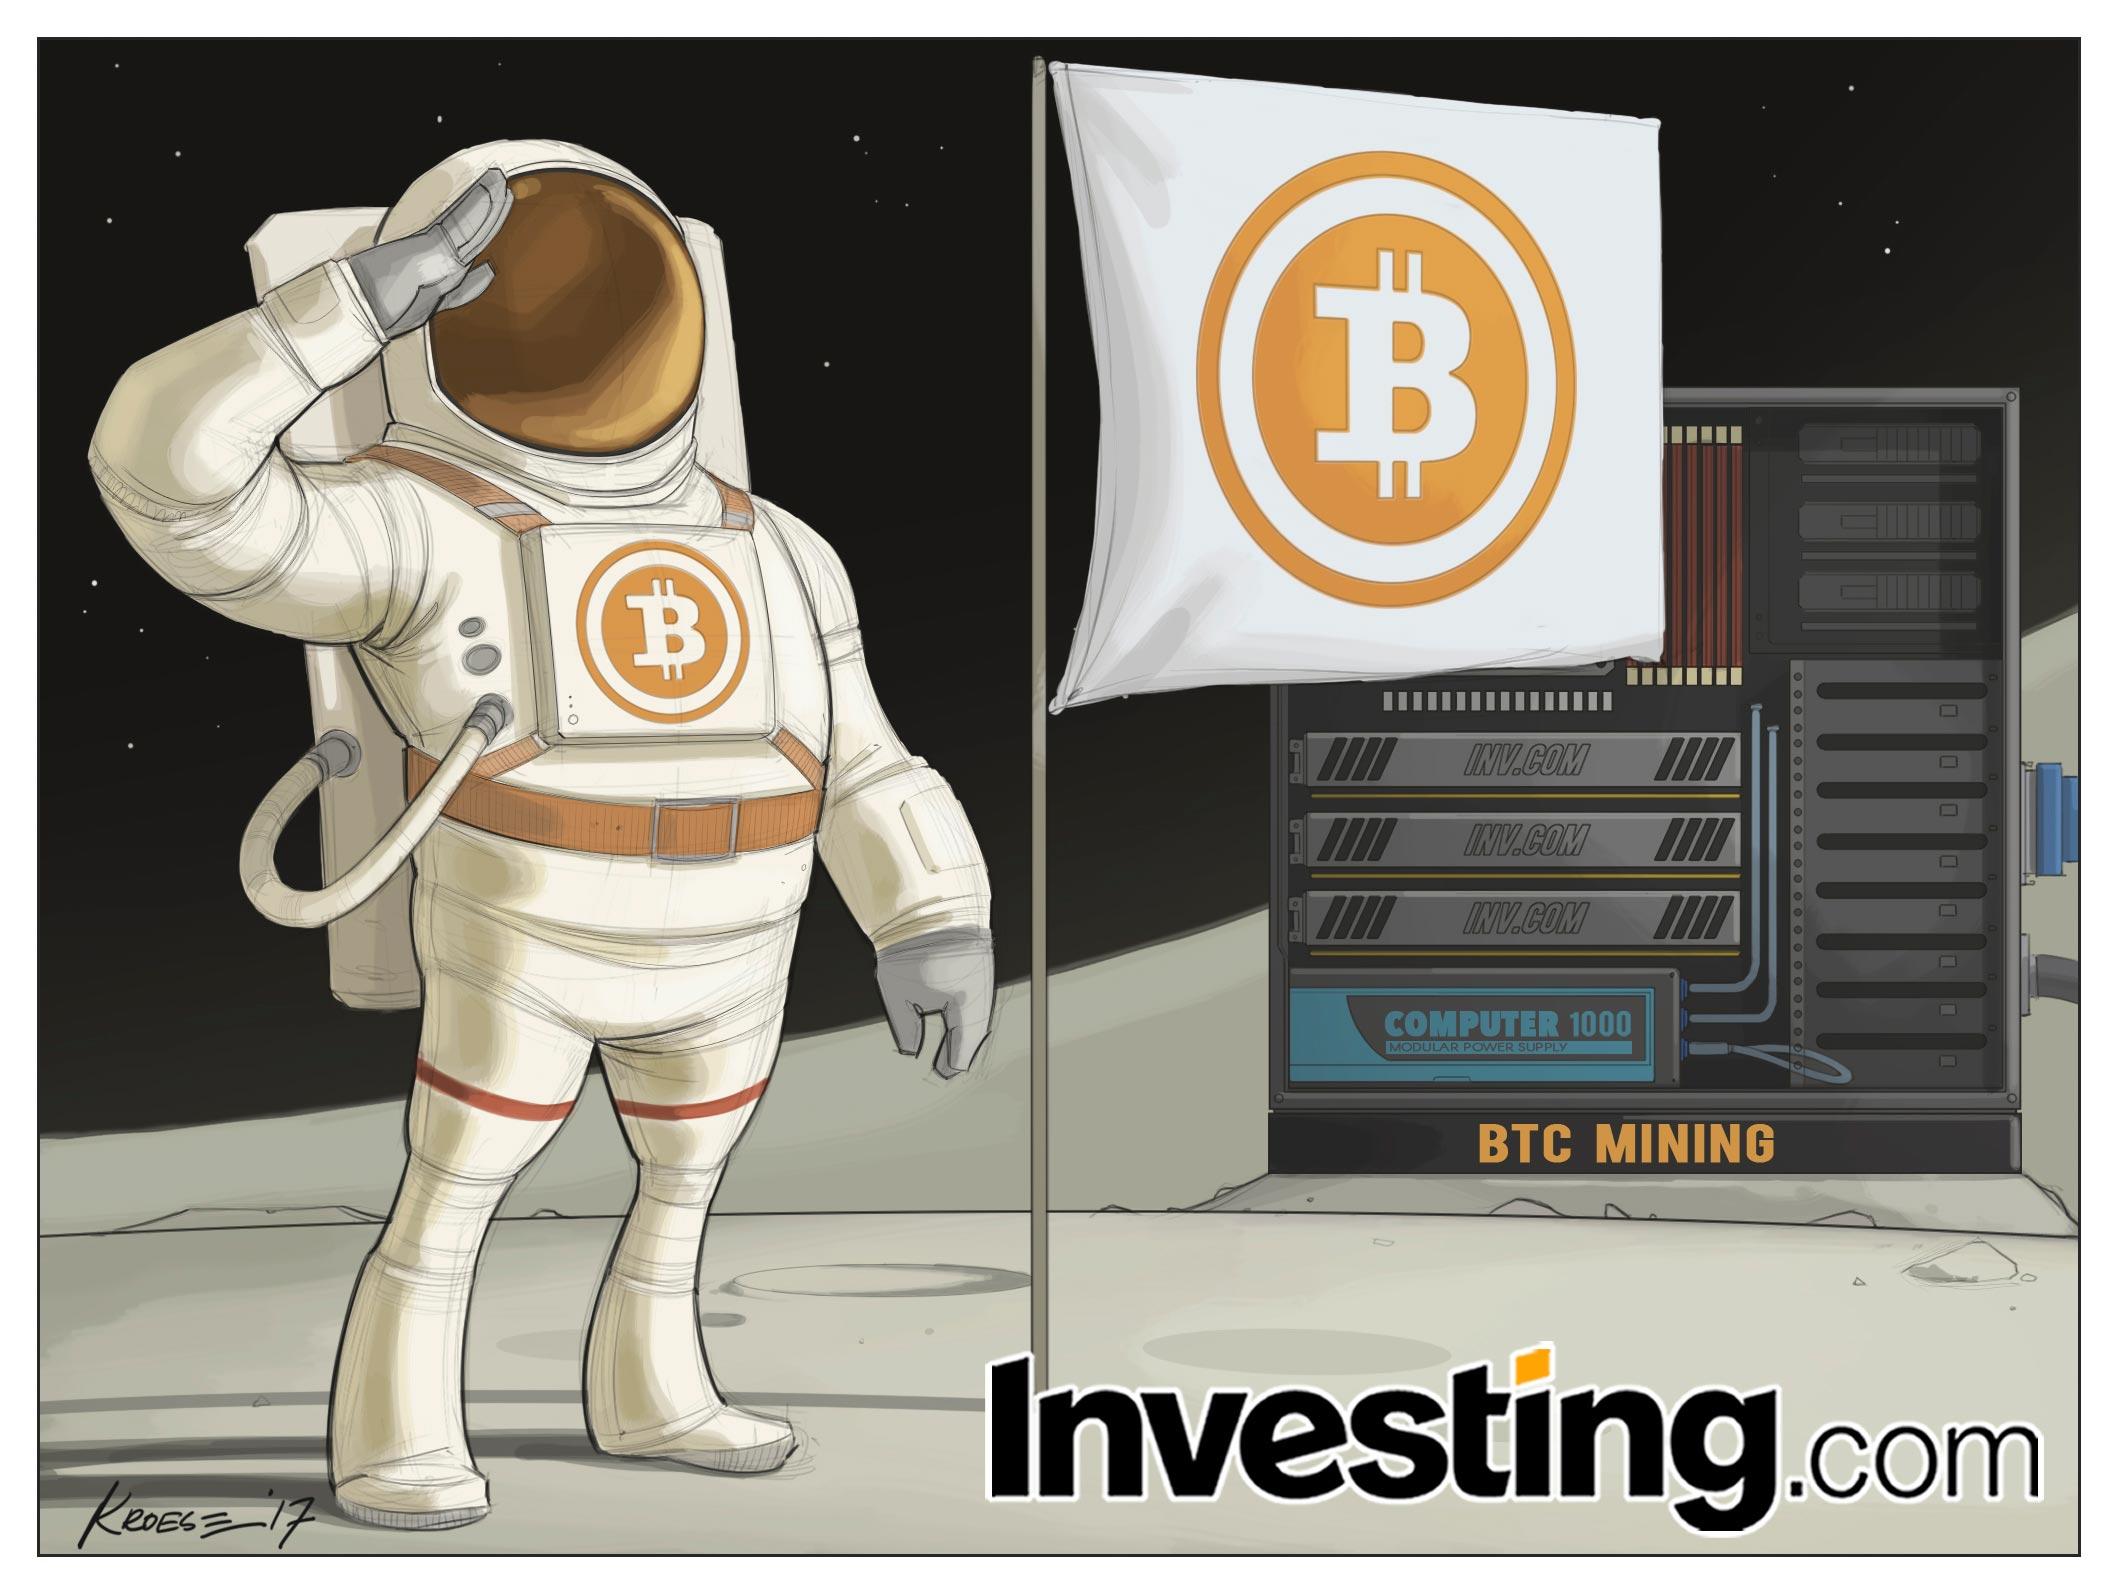 ビットコインは華々しい上昇が続き価格は月に届きそうだ